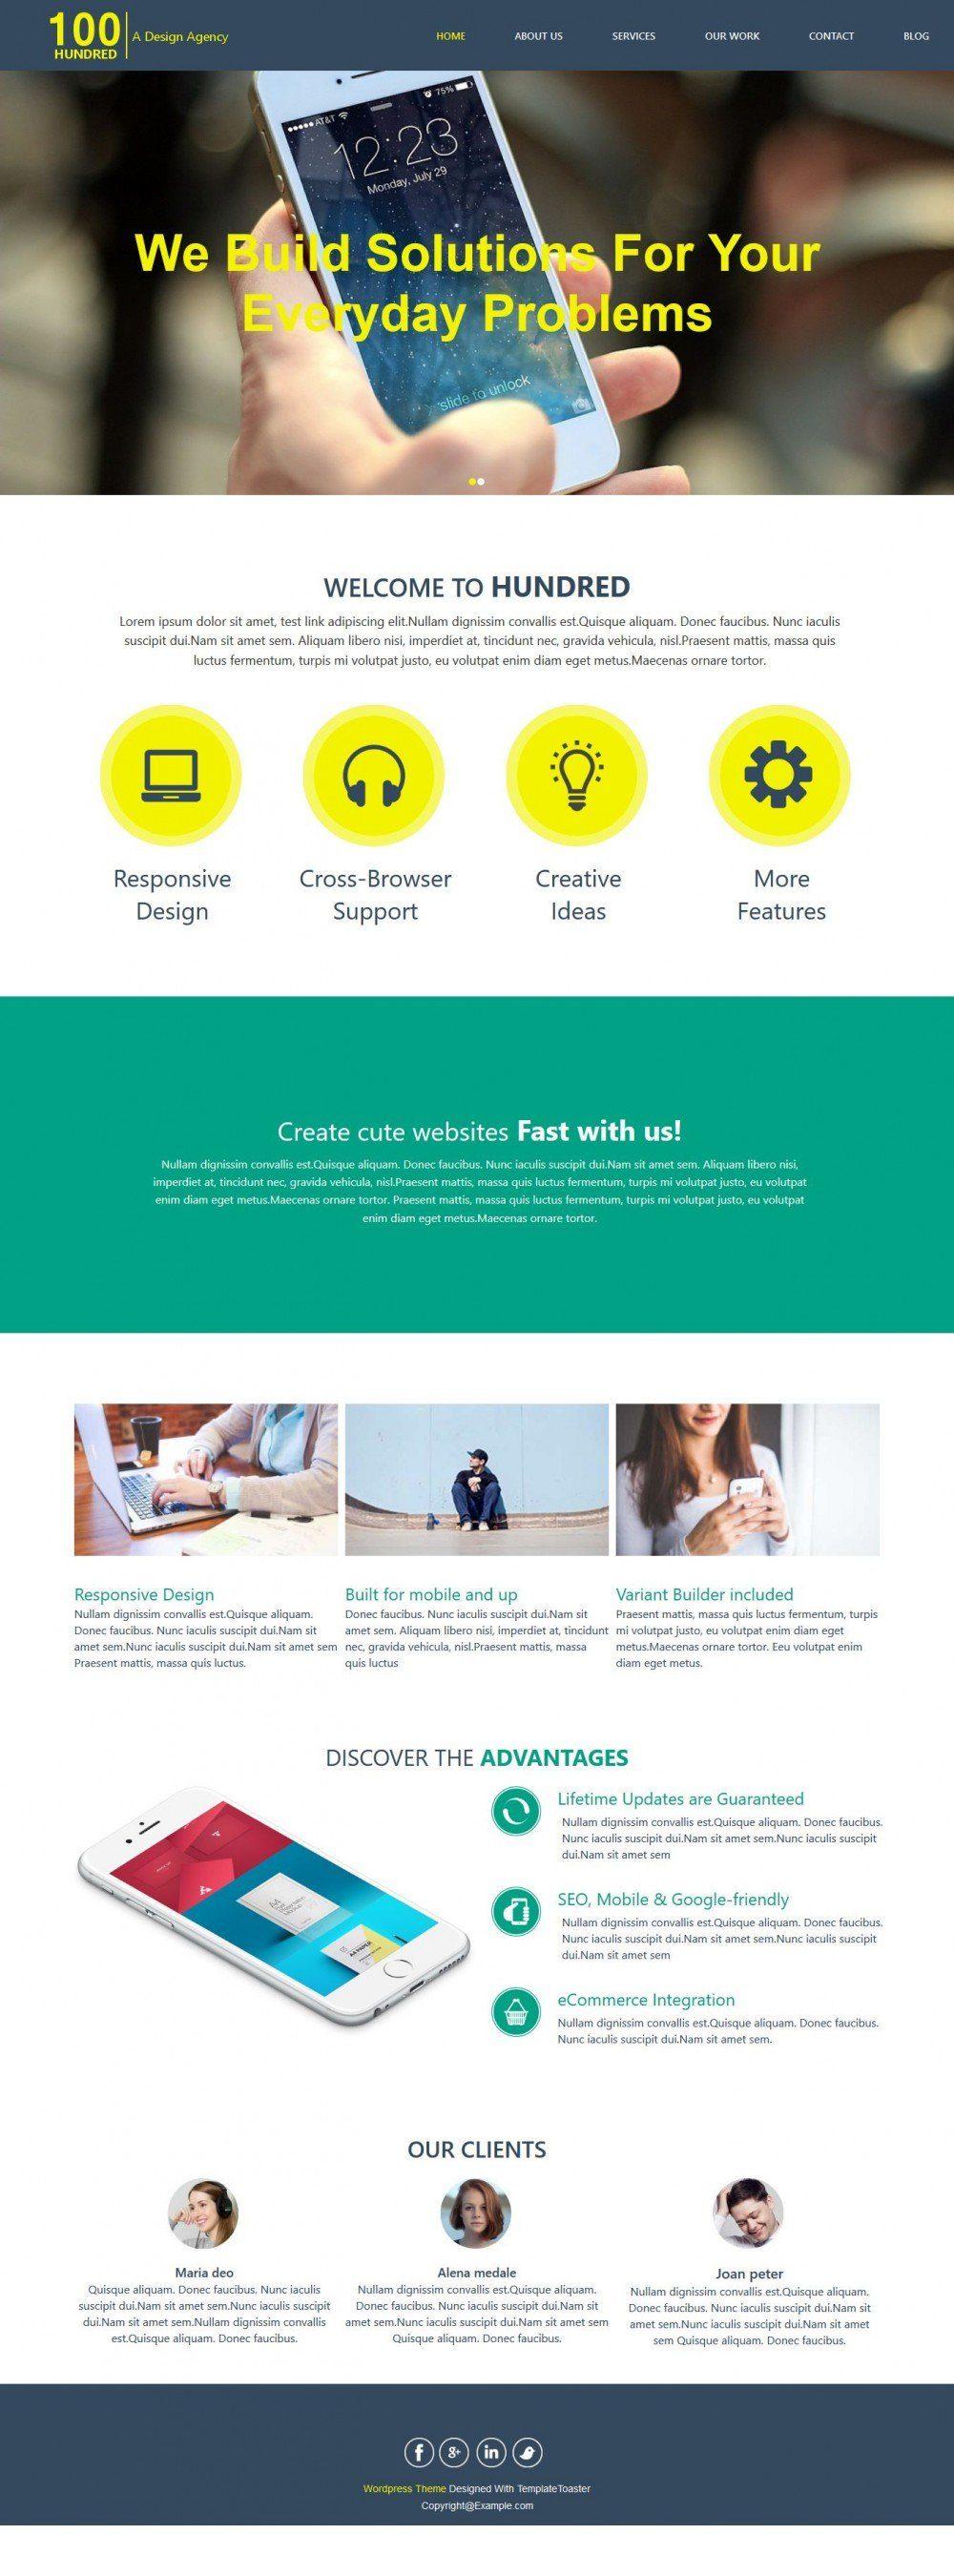 Hundred - Responsive App Design/Development WordPress Theme